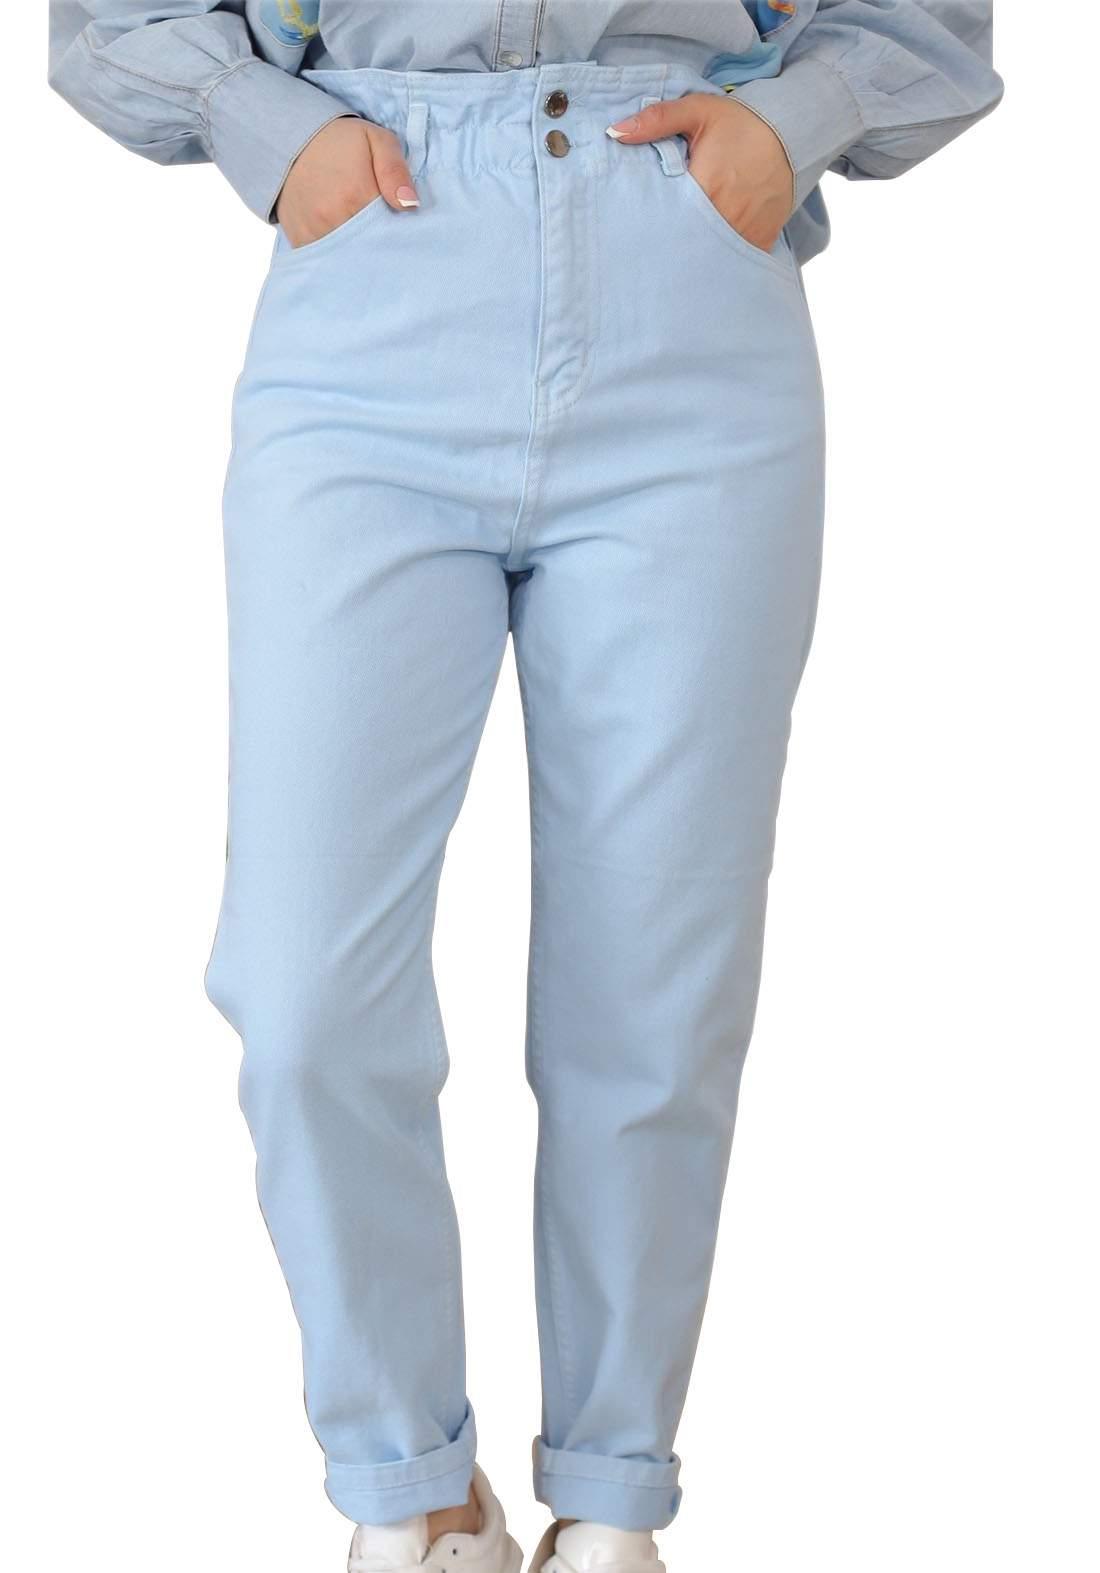 بنطلون جينز نسائي سمائي اللون